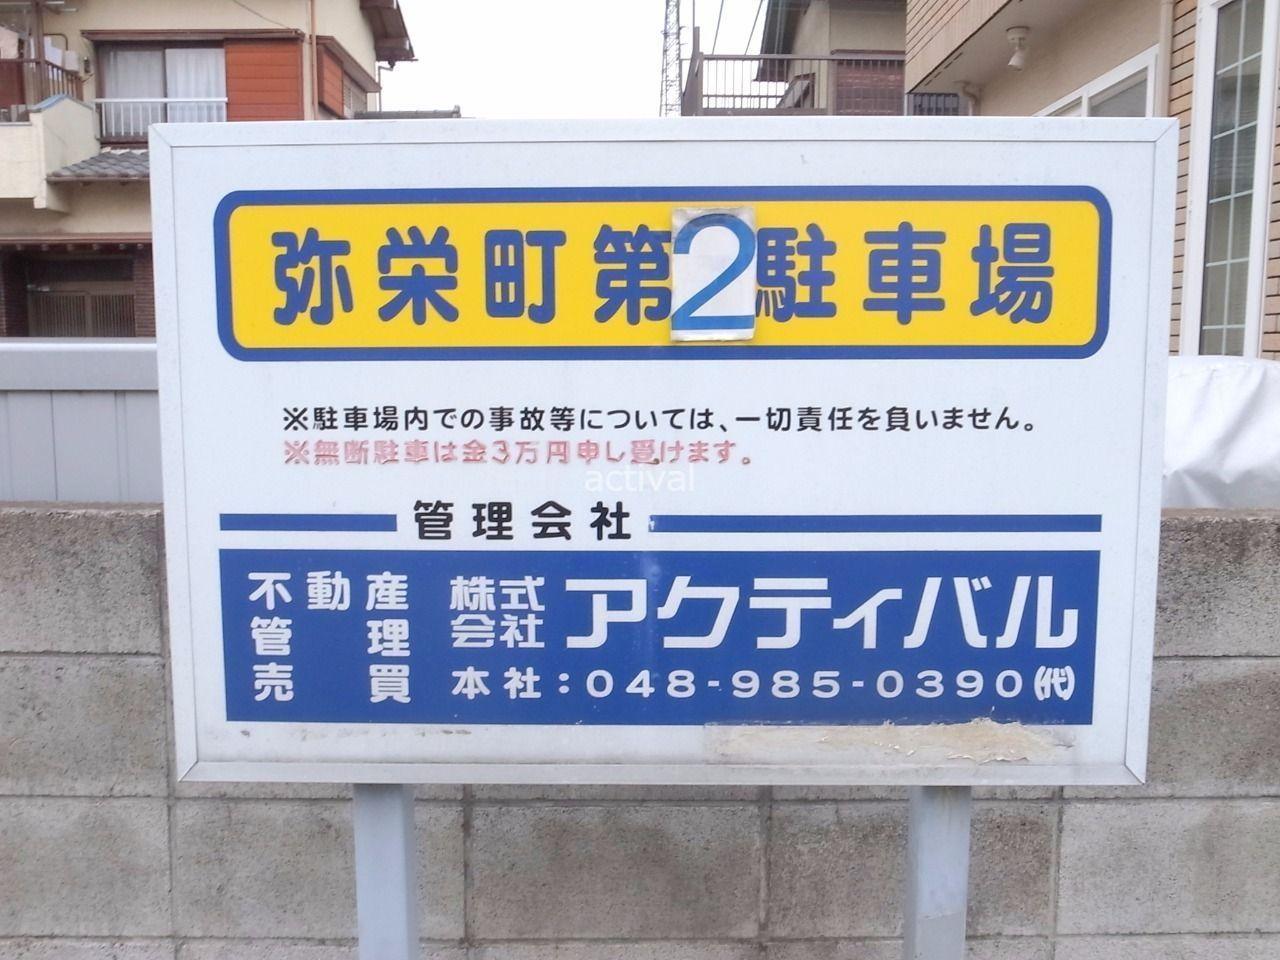 弥栄町第2駐車場|アクティバル 表紙